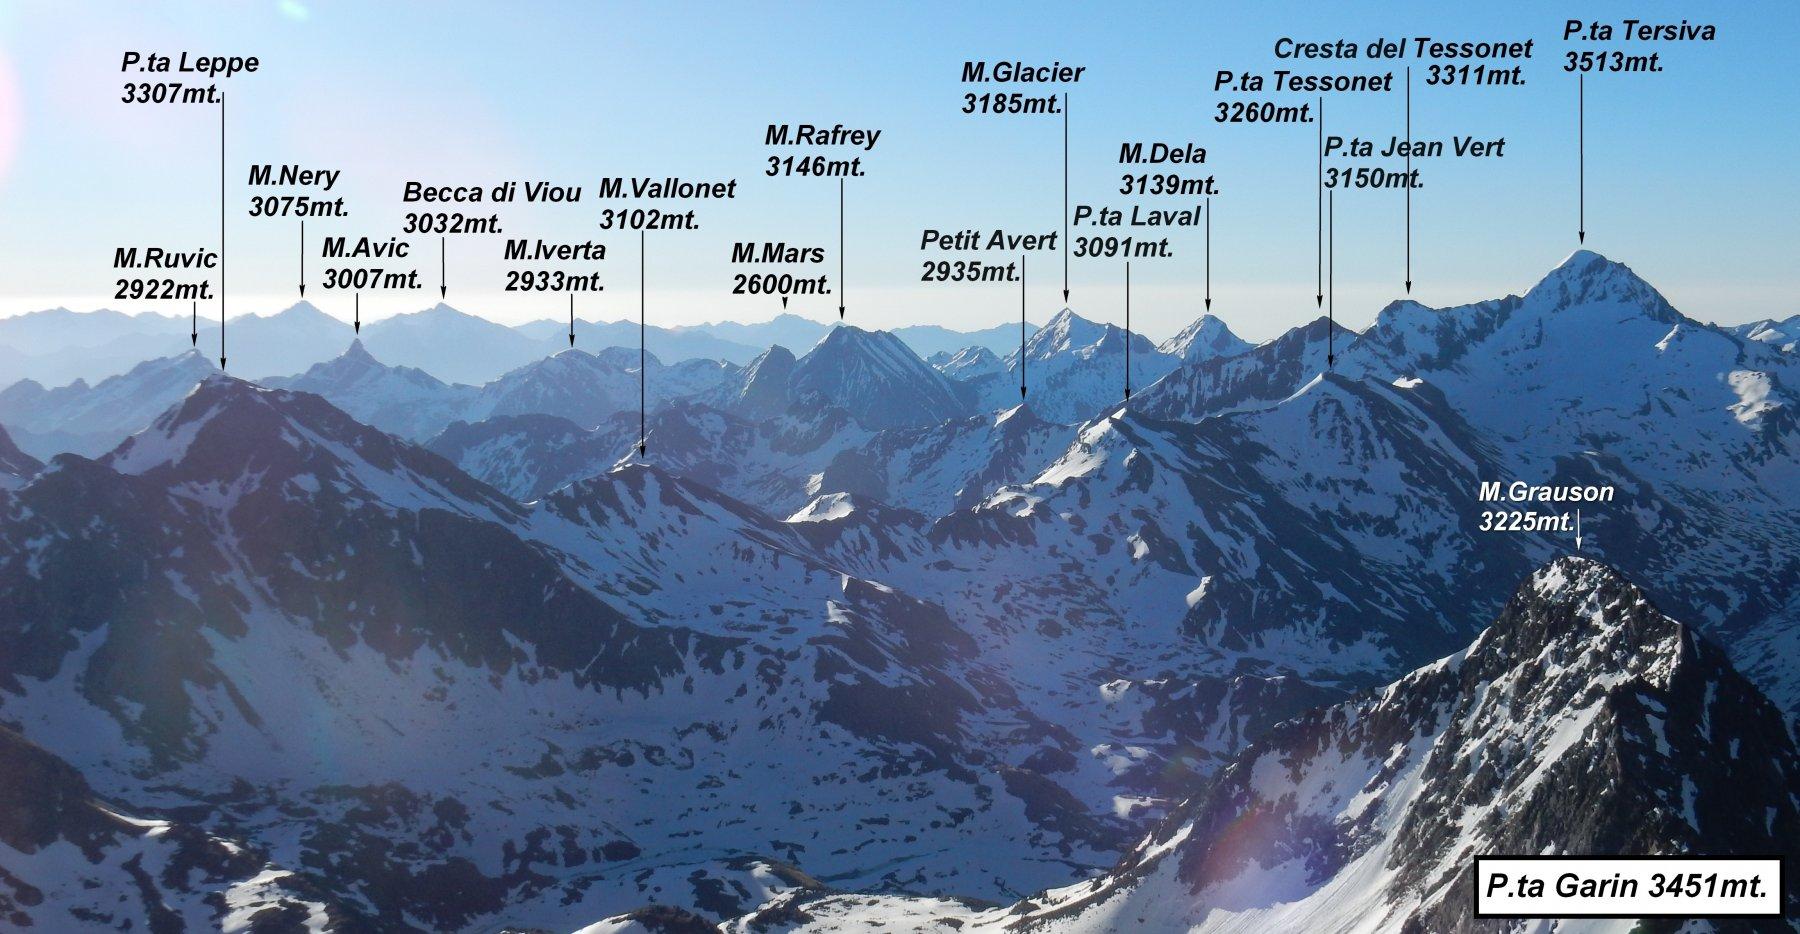 Panorama dalla P.ta Garin.